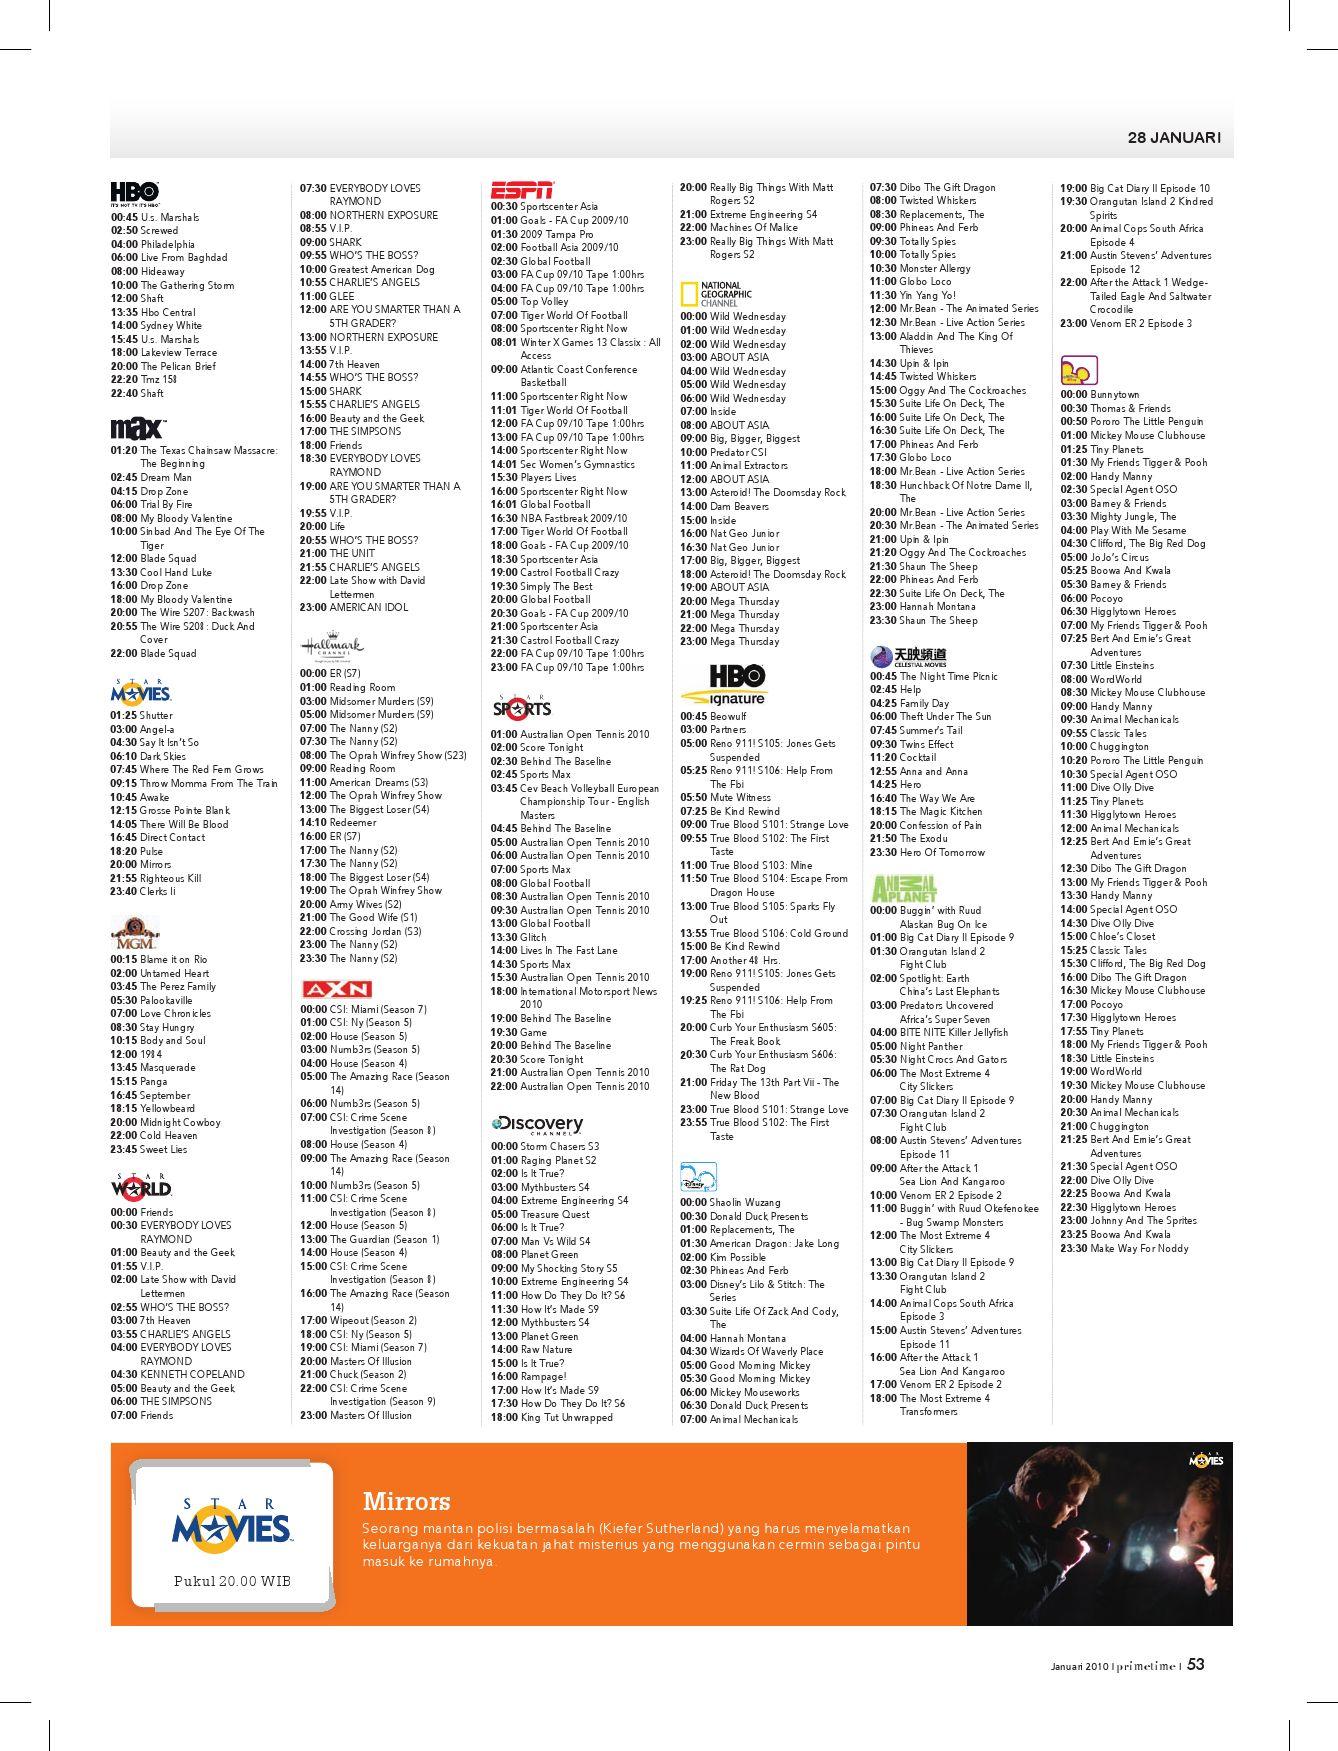 Januari 2010 - Primetime TelkomVision by Indonusa Telemedia - issuu